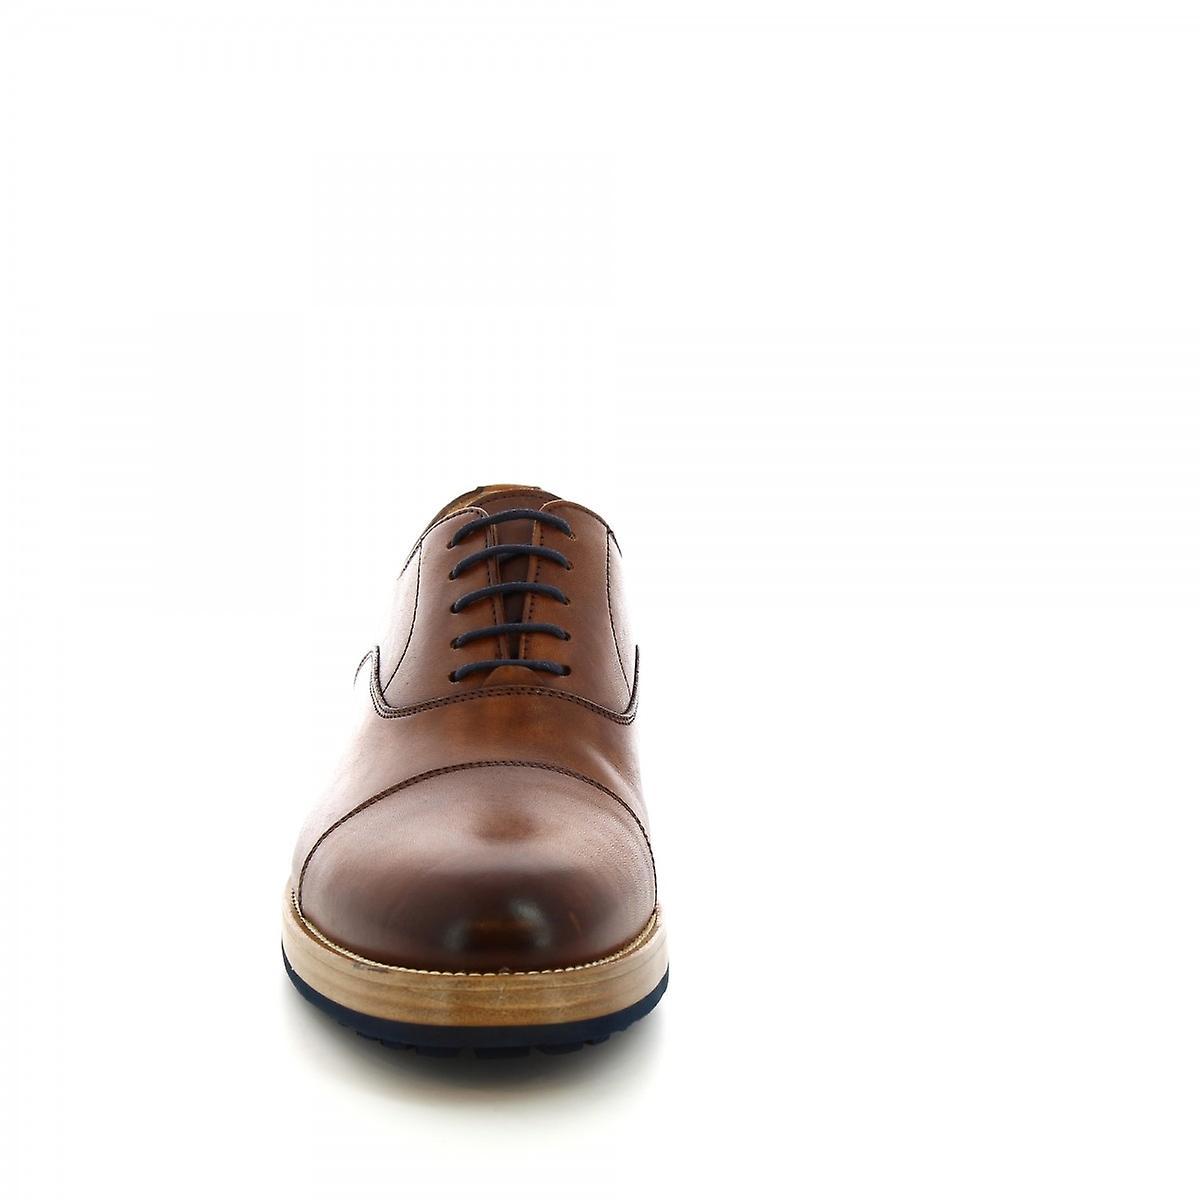 Leonardo Shoes Chaussures Men-apos;s chaussures à lacets chics faites à la main en cuir de veau tan